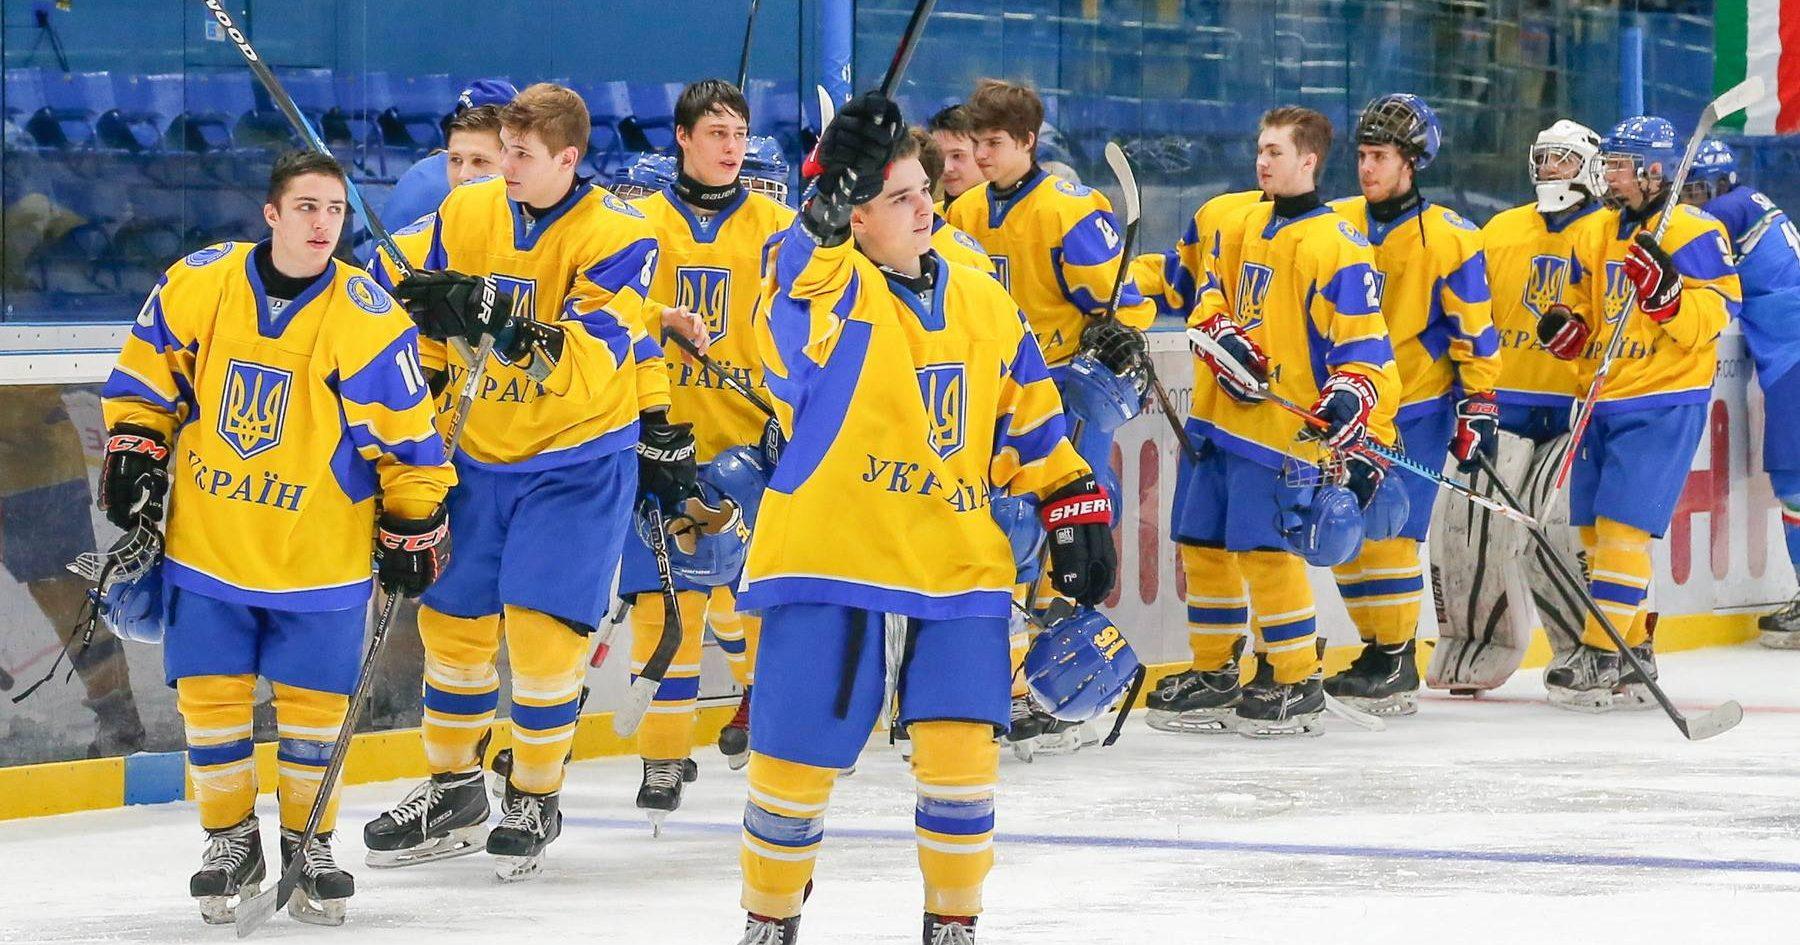 Челябинская область готова к проведению чемпионата мира по хоккею среди юниоров